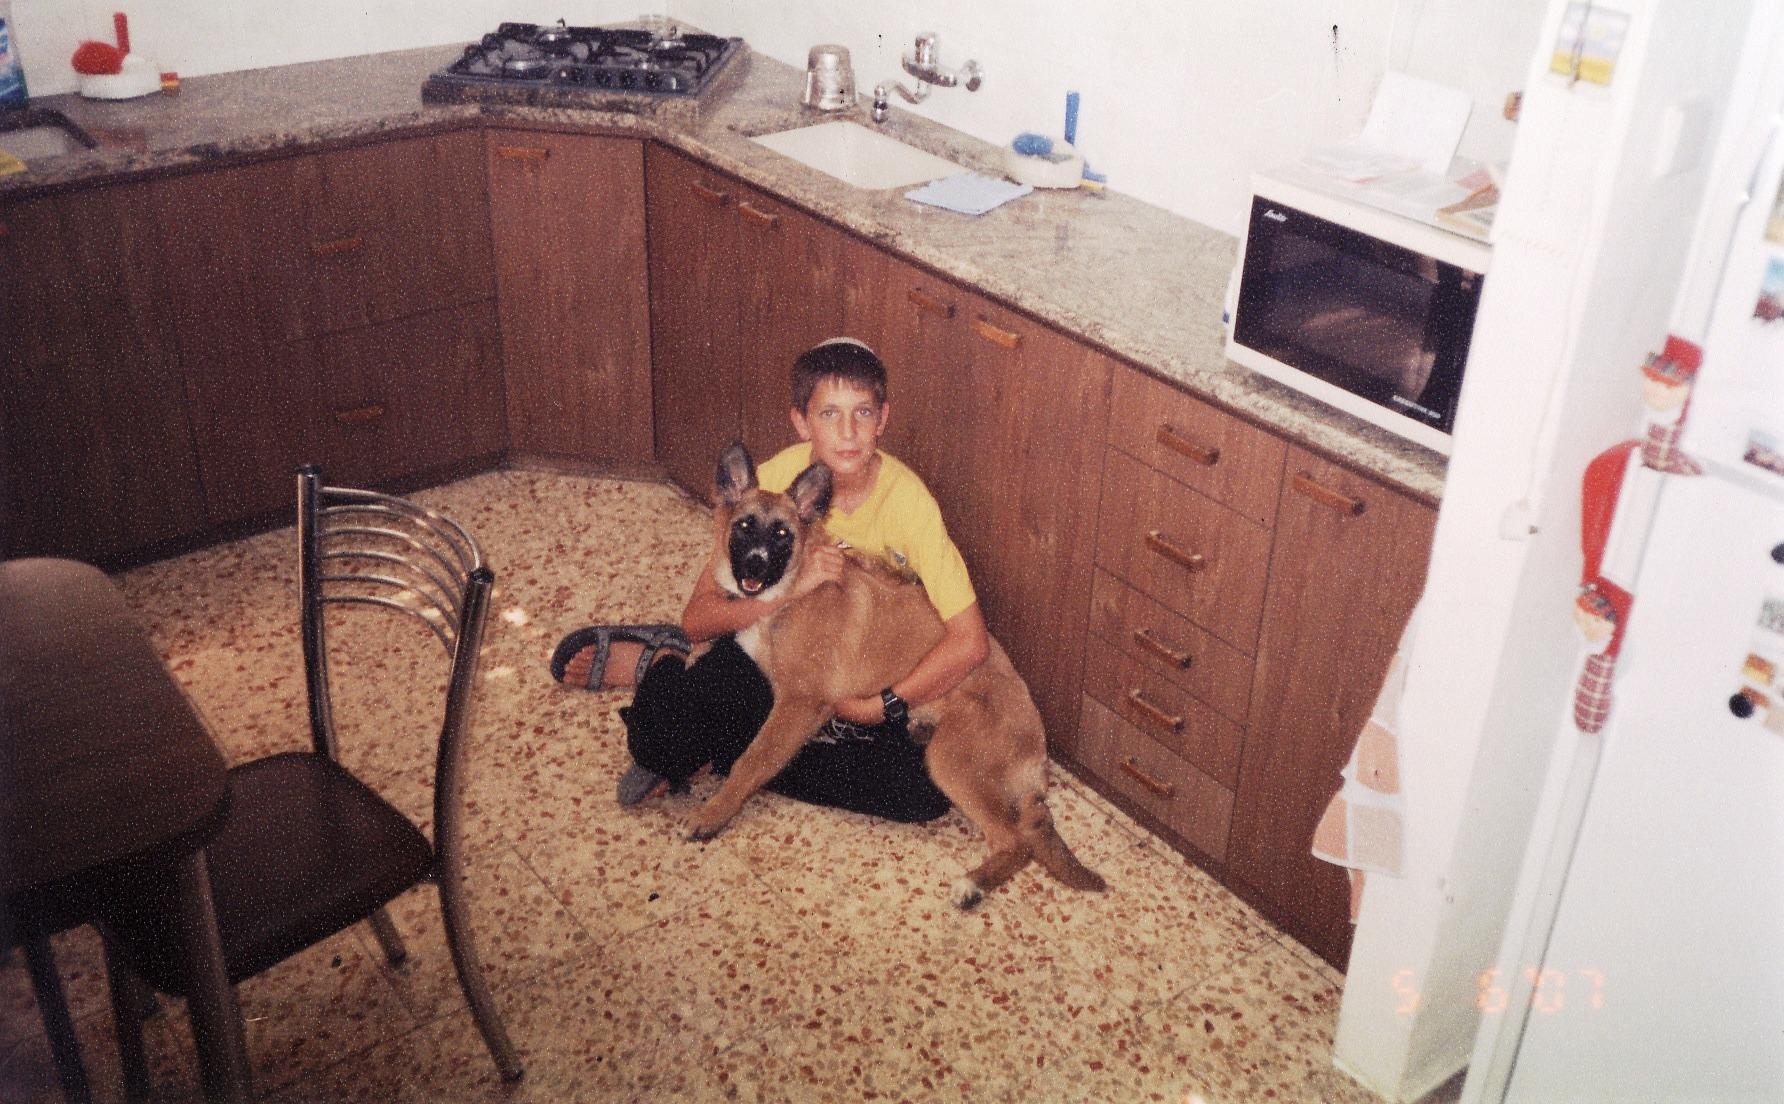 קיץ תשסז ישי בן 12 עם פוקס הכלבה שלו